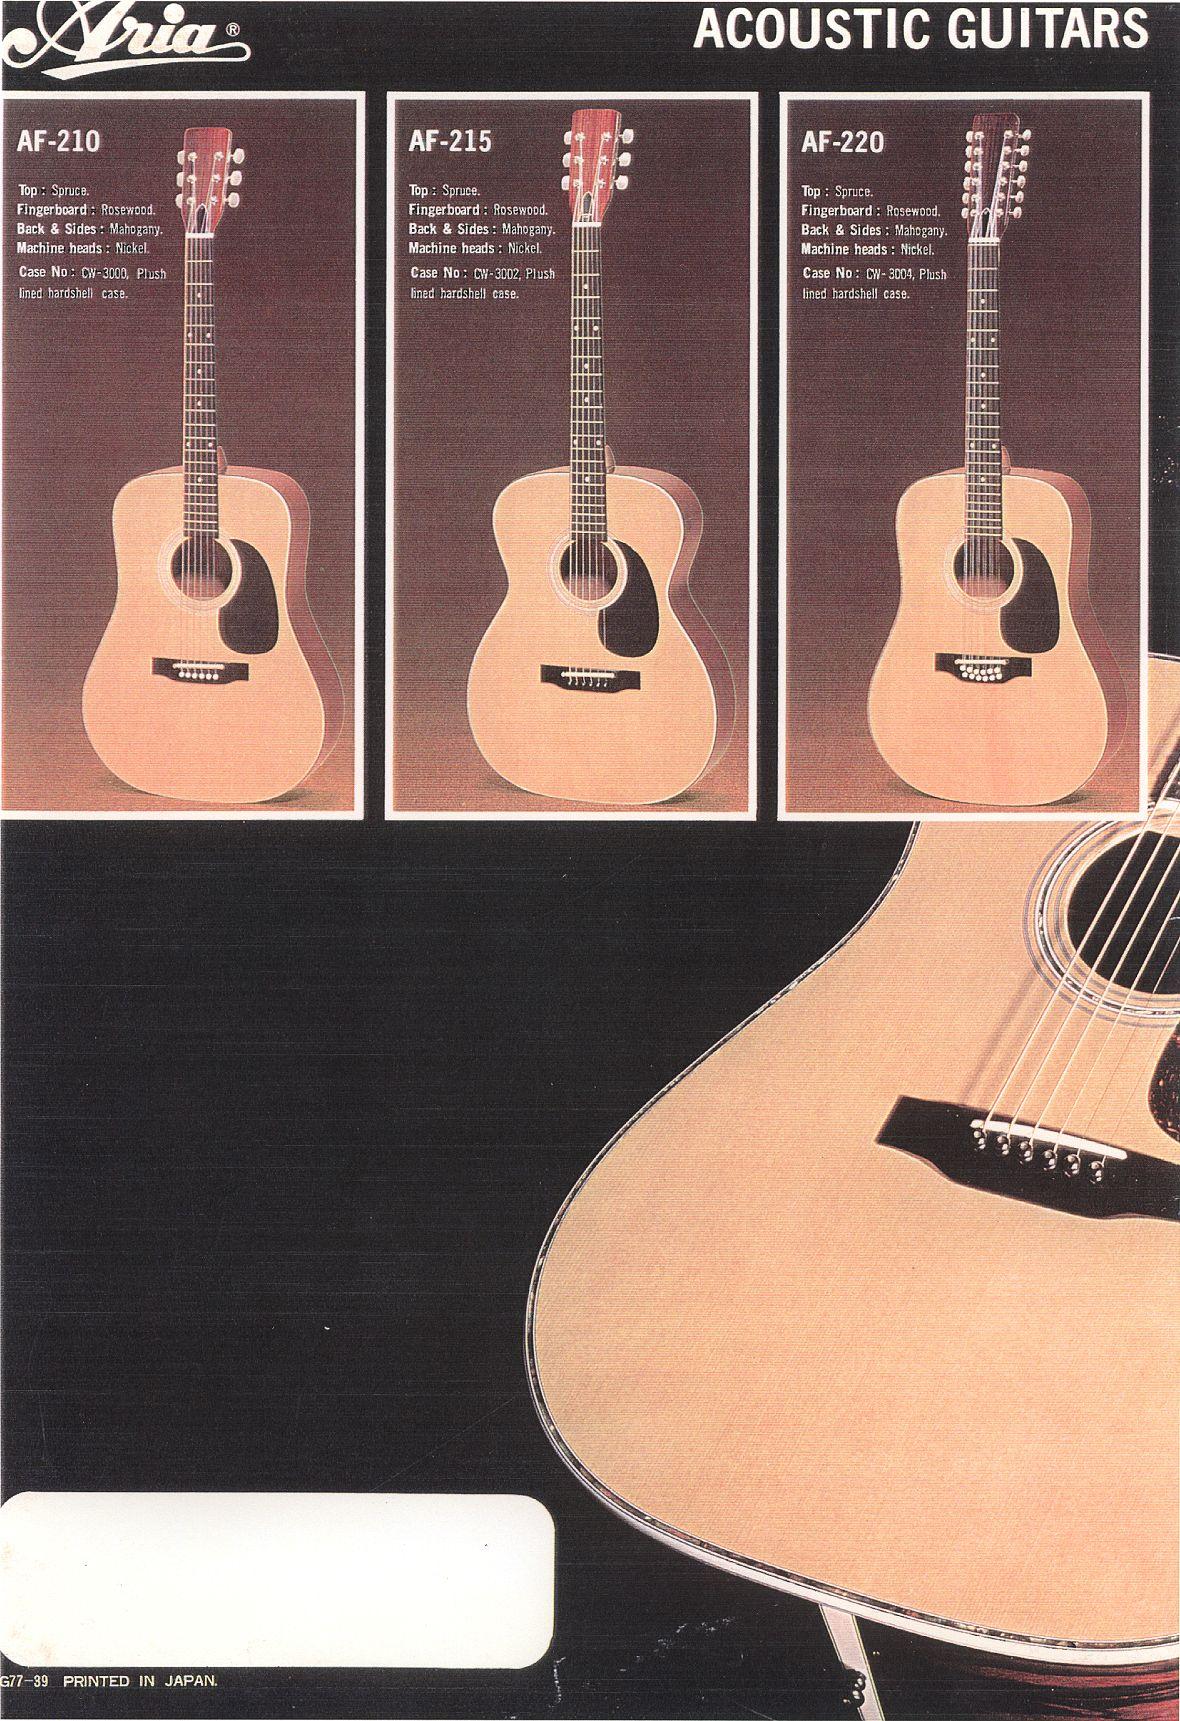 aria acoustics pg1